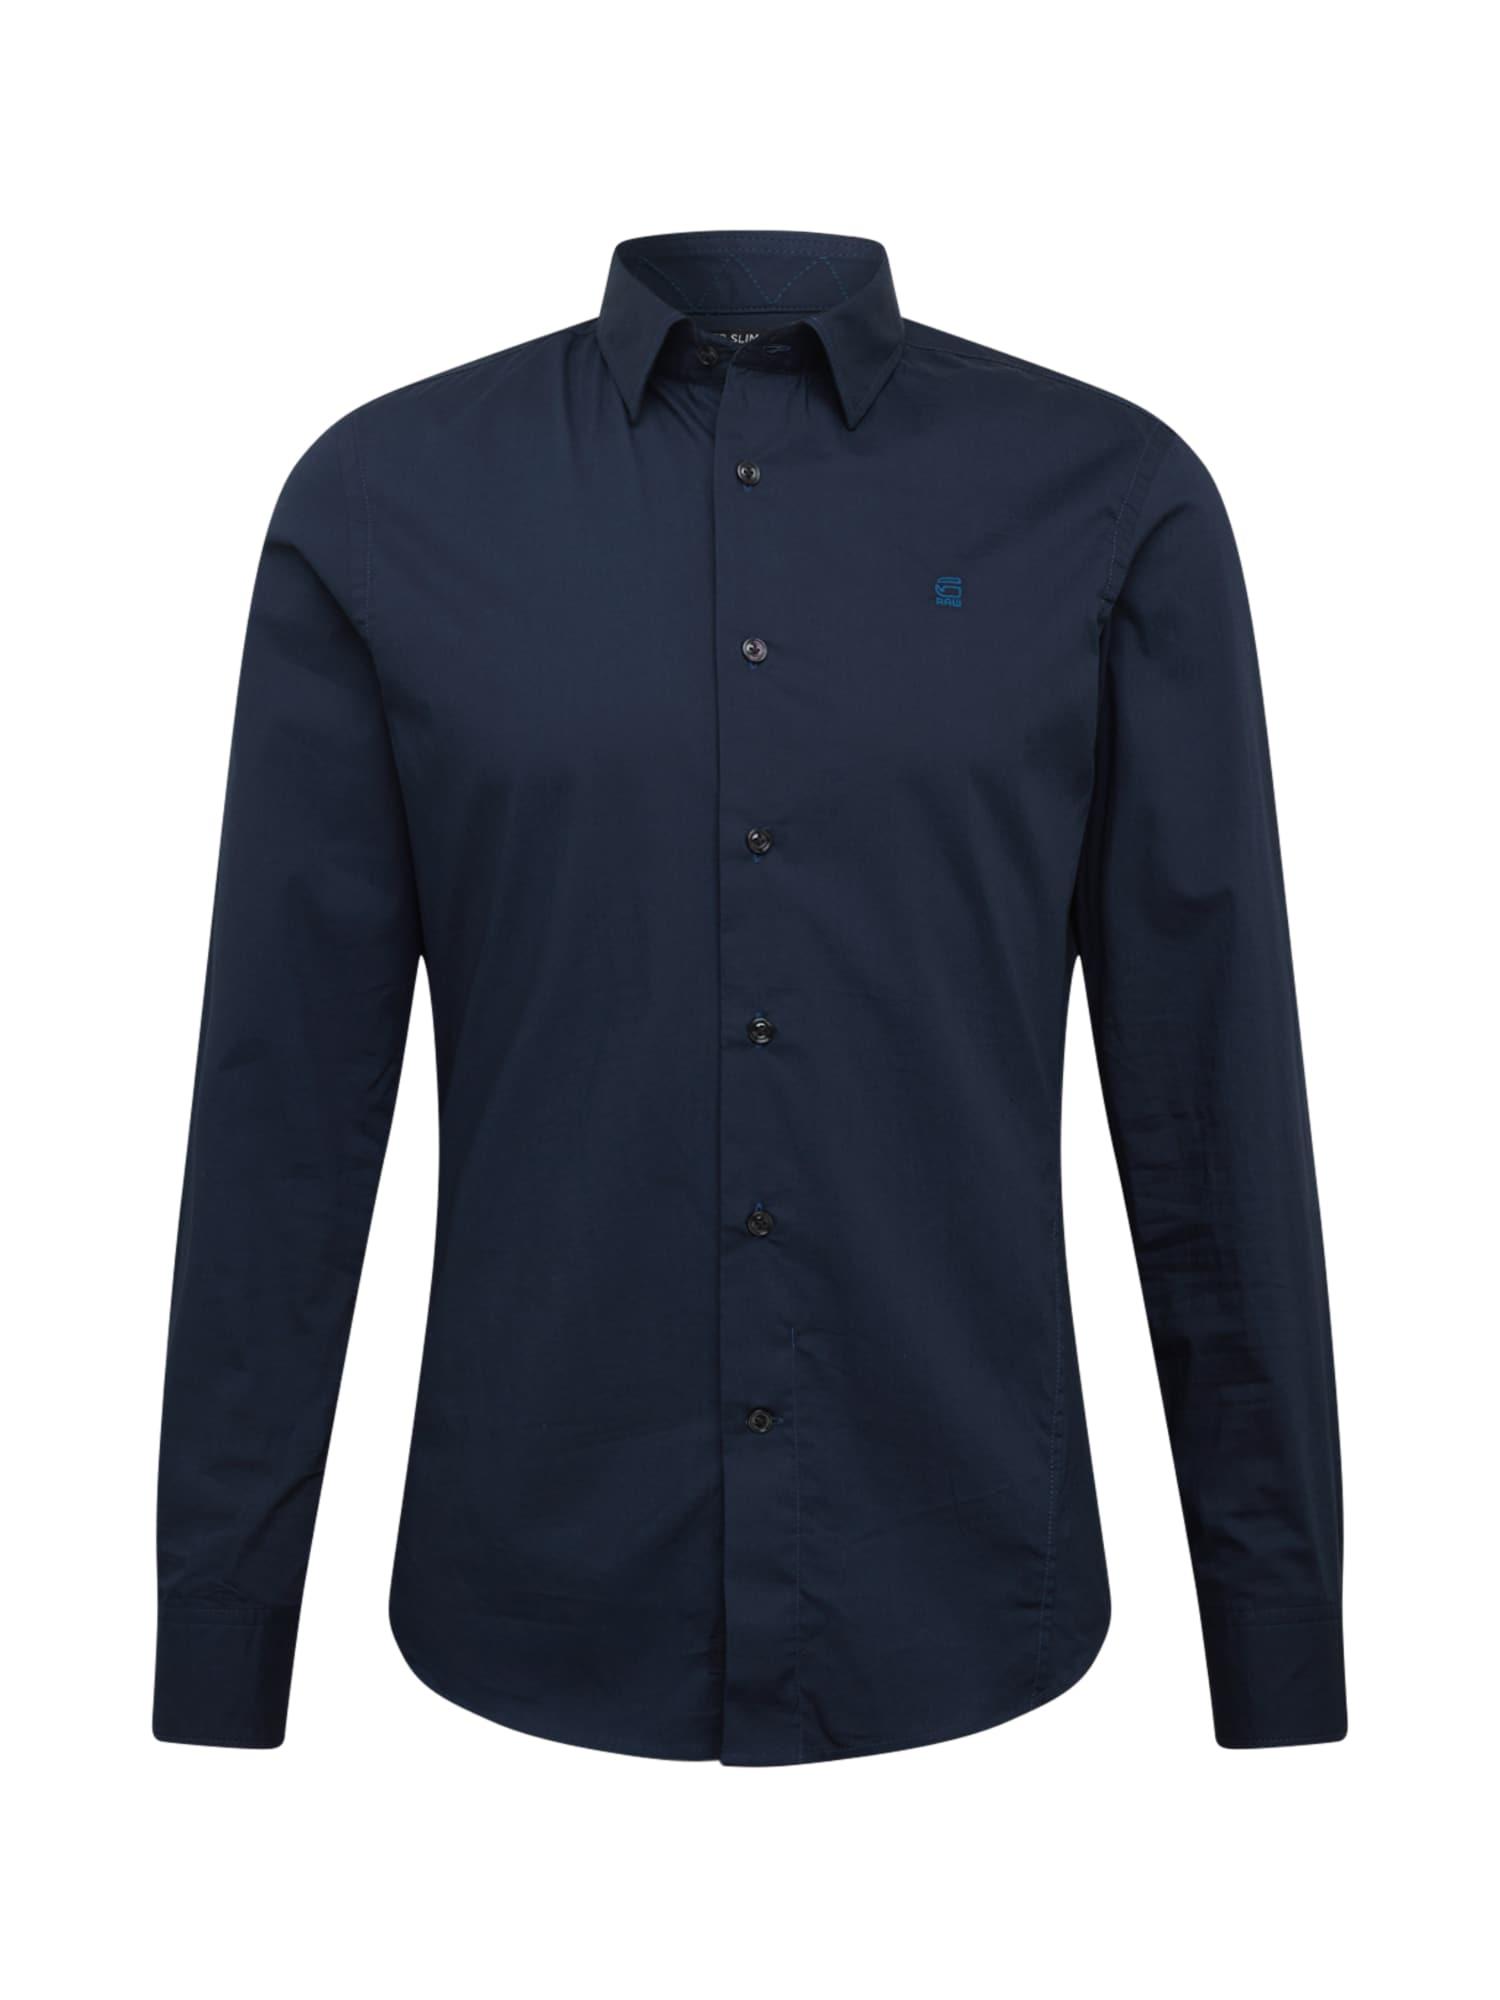 G-Star RAW Marškiniai tamsiai mėlyna